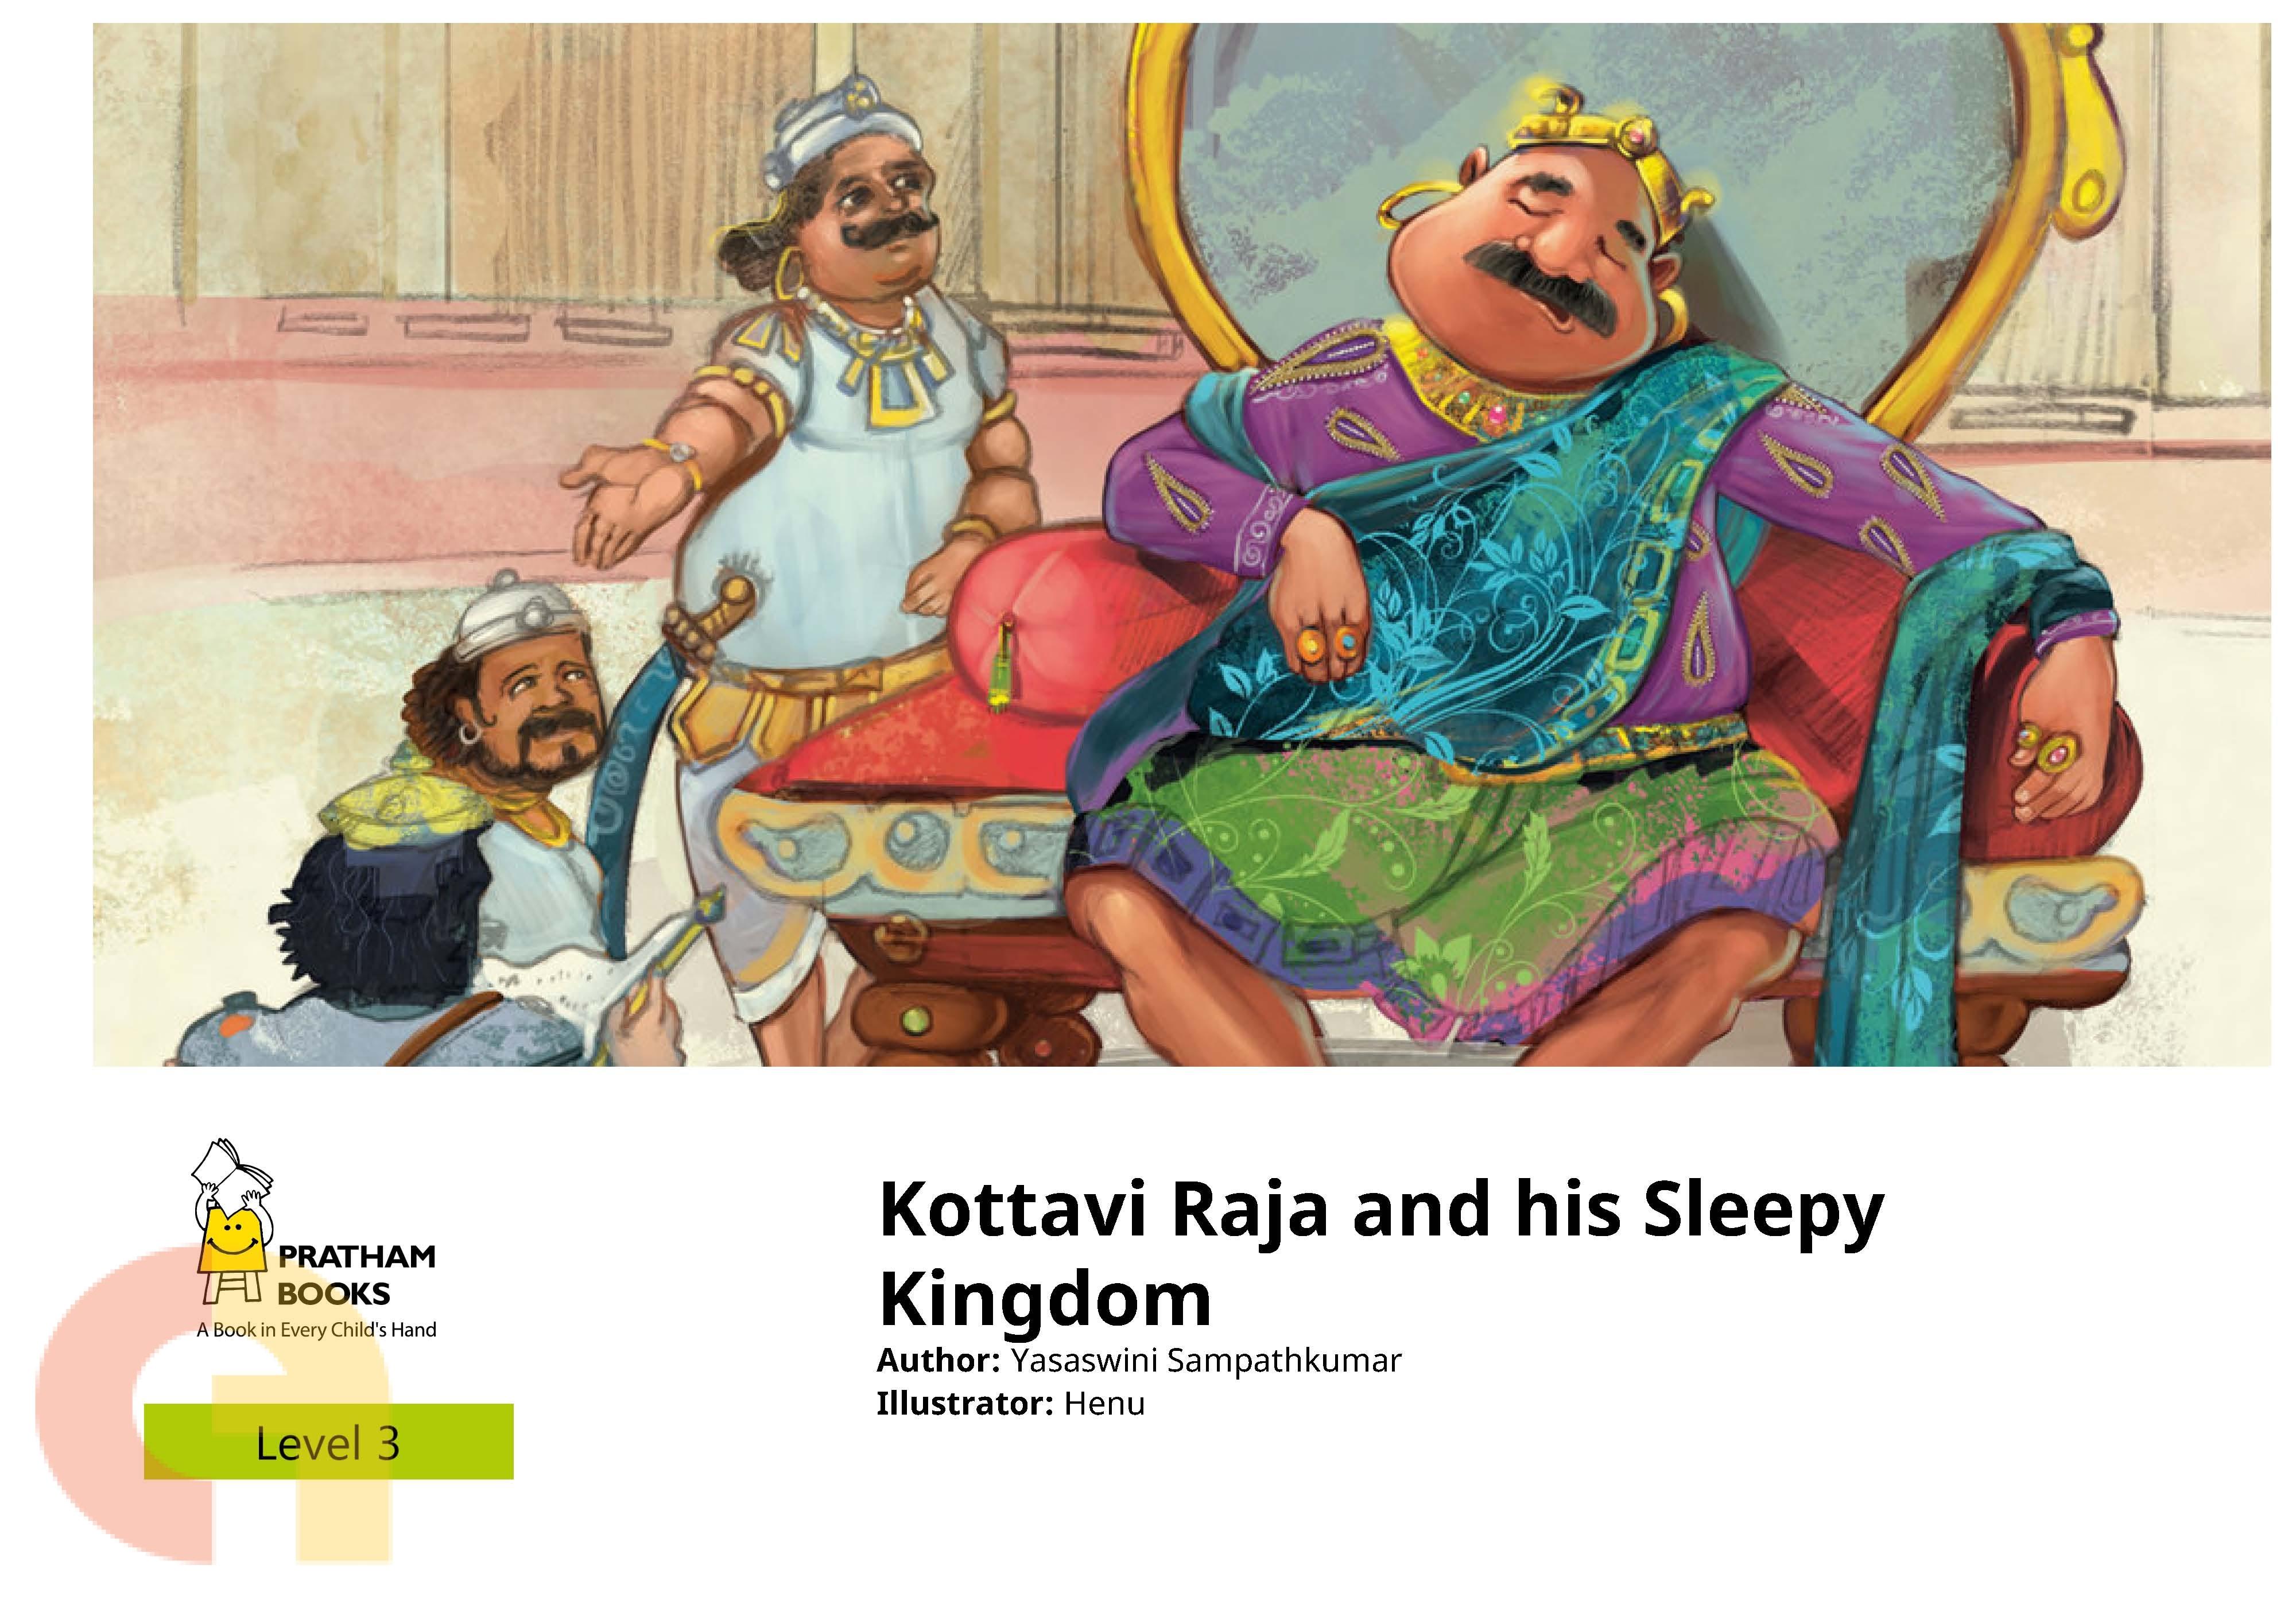 Kottavi Raja and his Sleepy Kingdom - Level 3 - Pratham